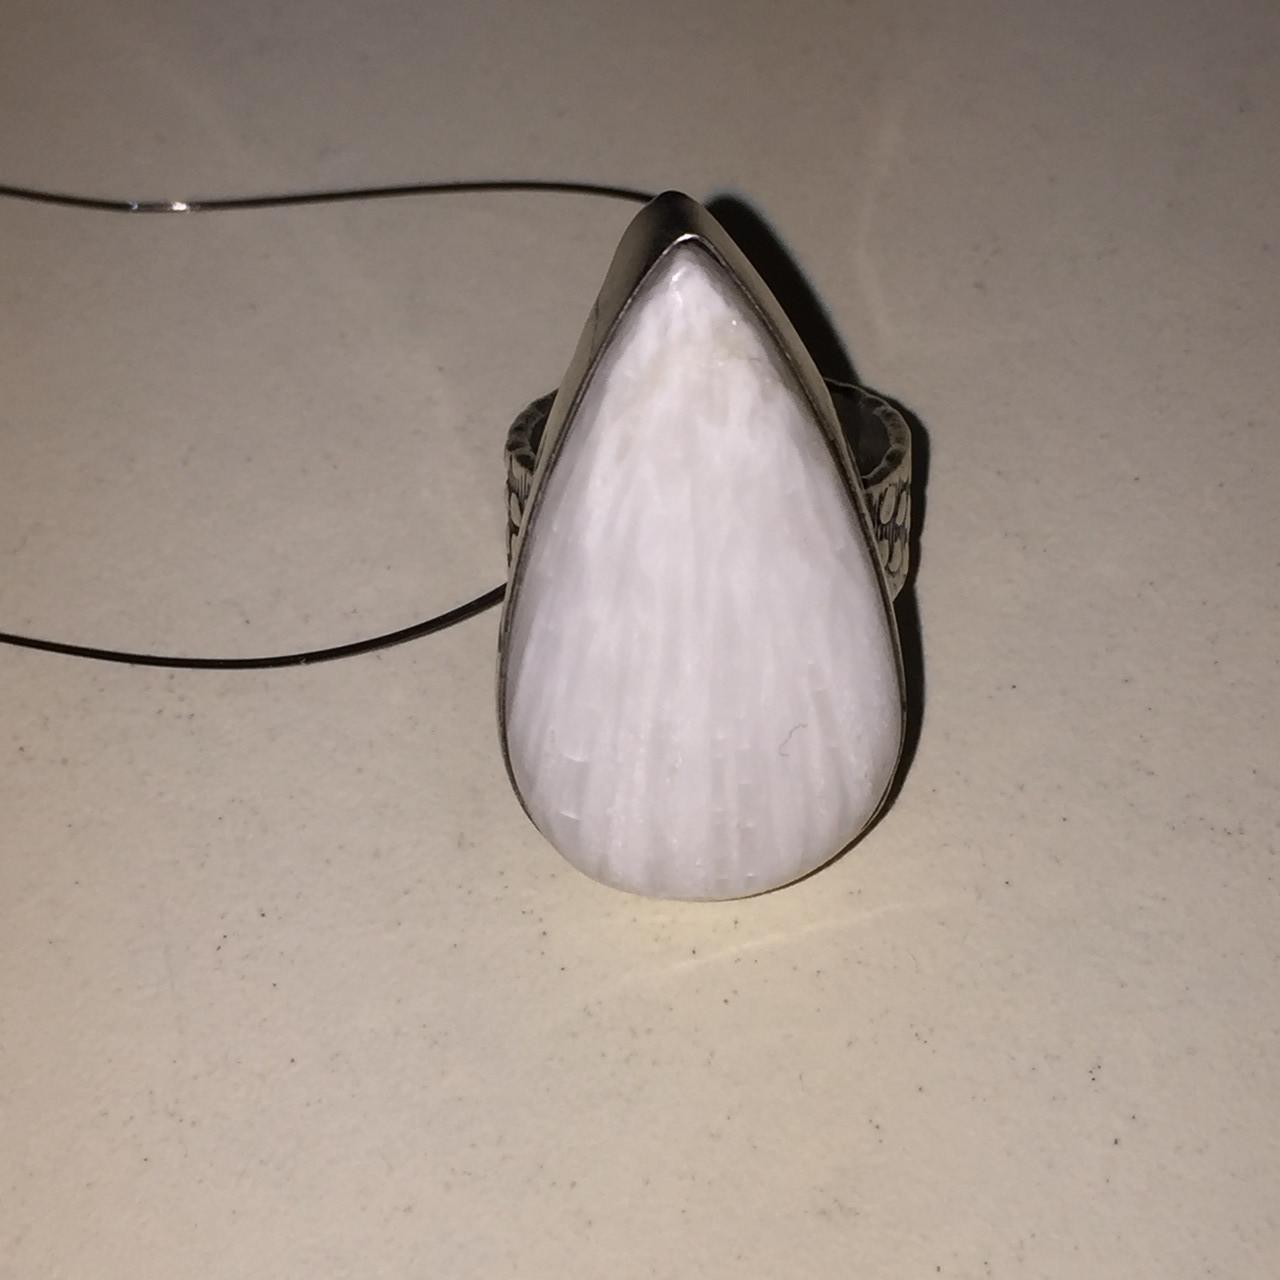 Сколецит кольцо капля с натуральным сколецитом в серебре размер 15,5-16 Индия